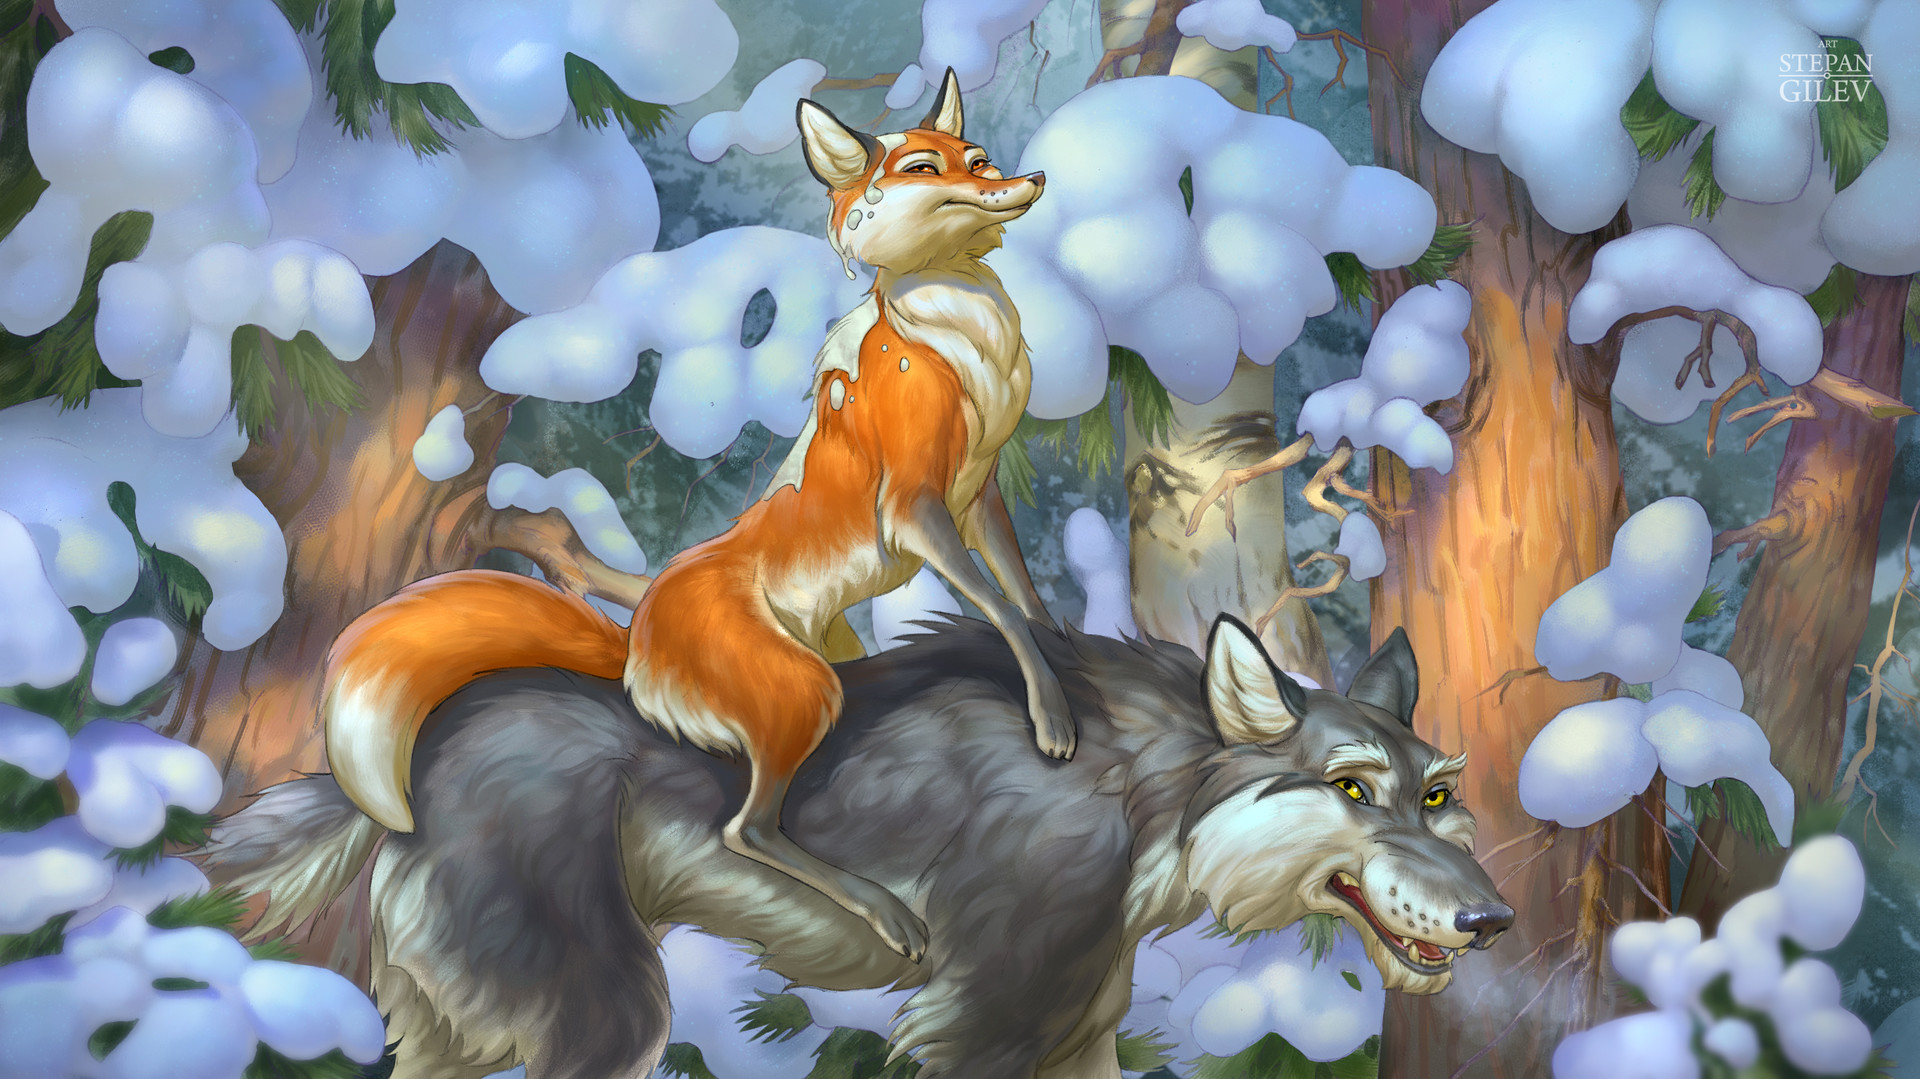 Легкий, лиса и волк в картинках